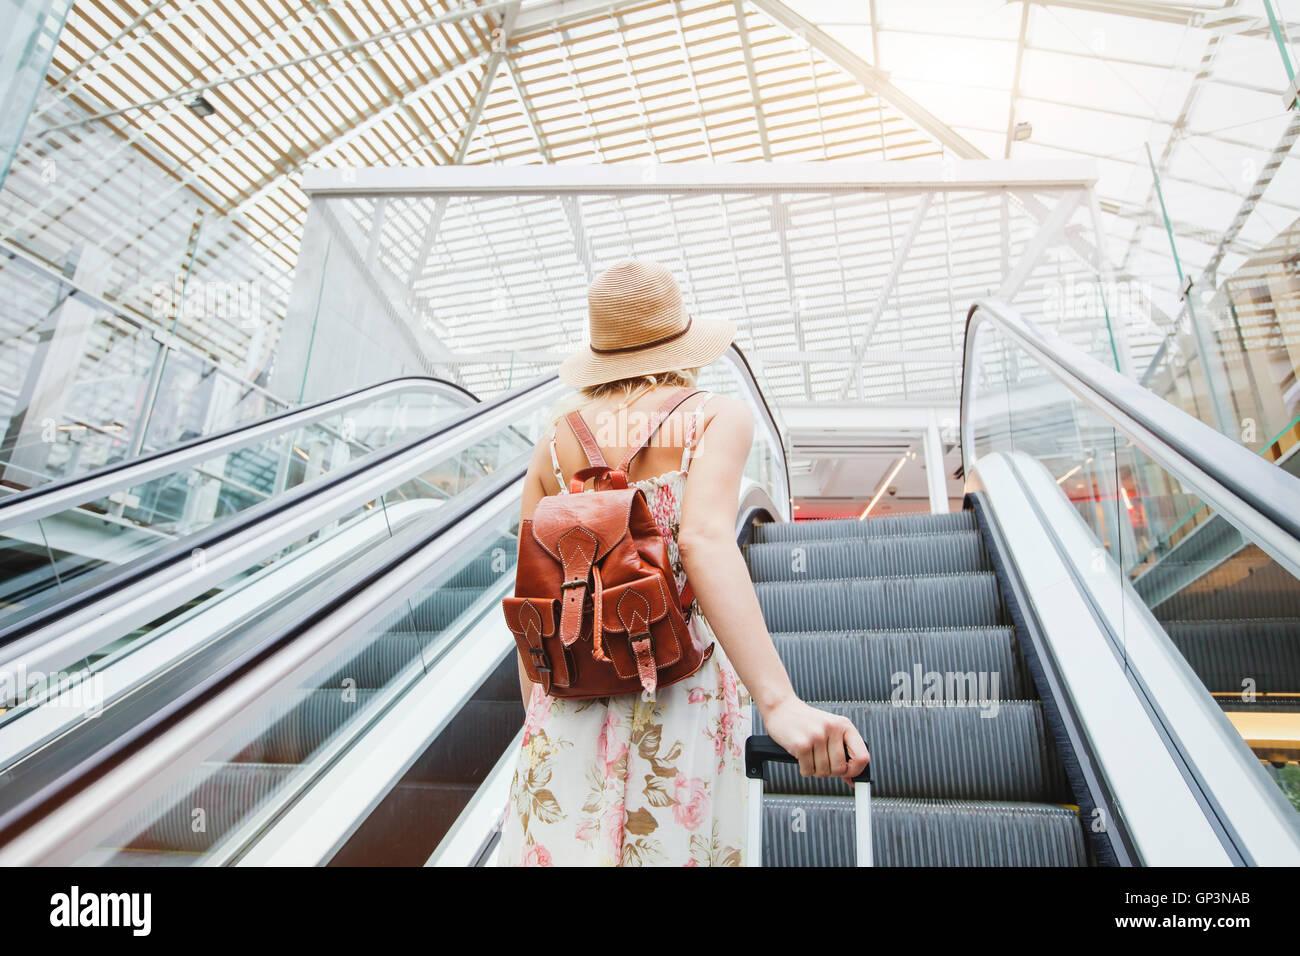 Femme de l'aéroport moderne, les personnes voyageant avec une assurance Banque D'Images